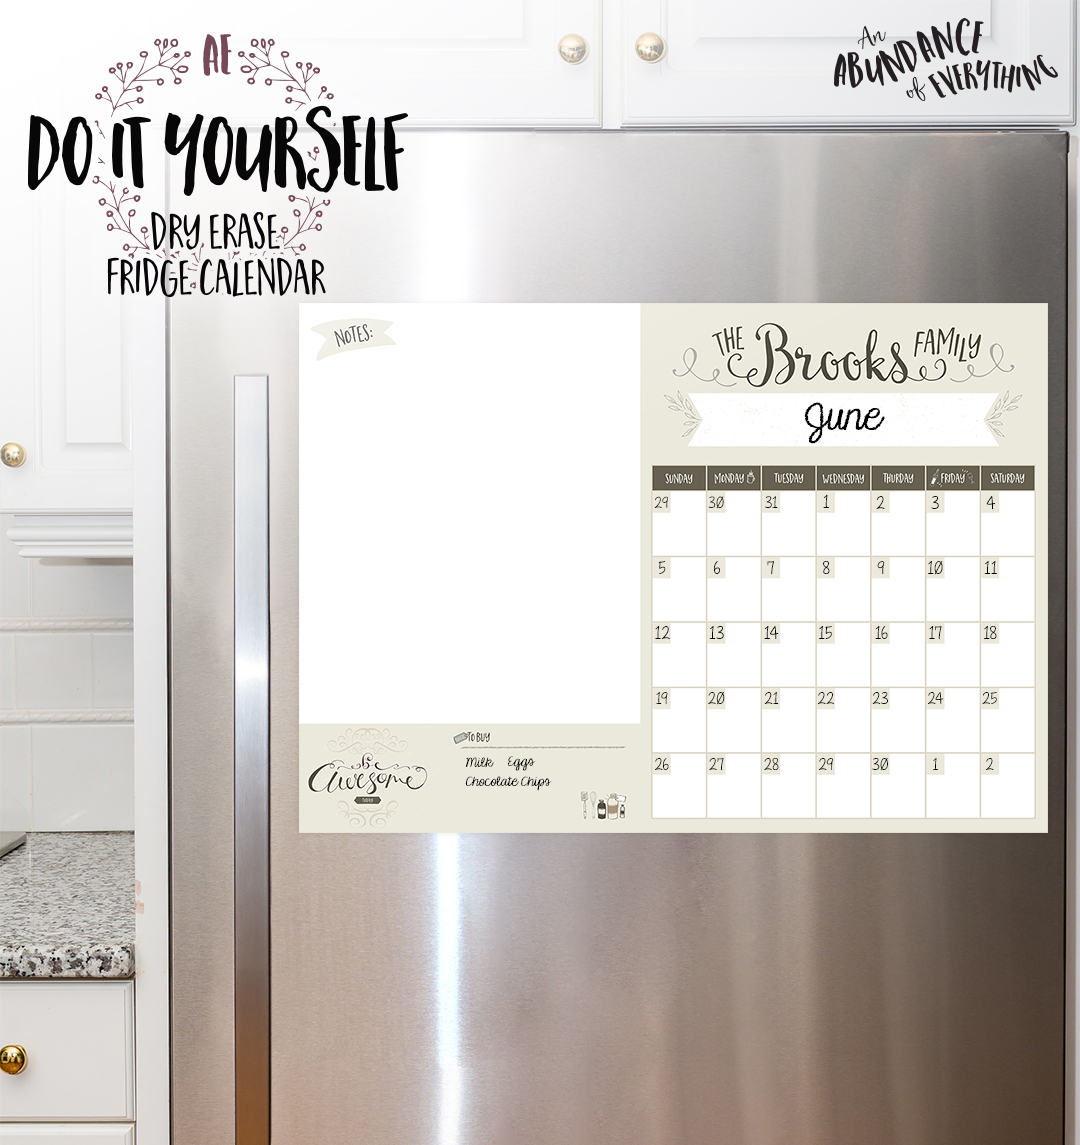 Diy Refrigerator Calendar : Get organized with a dry erase fridge calendar